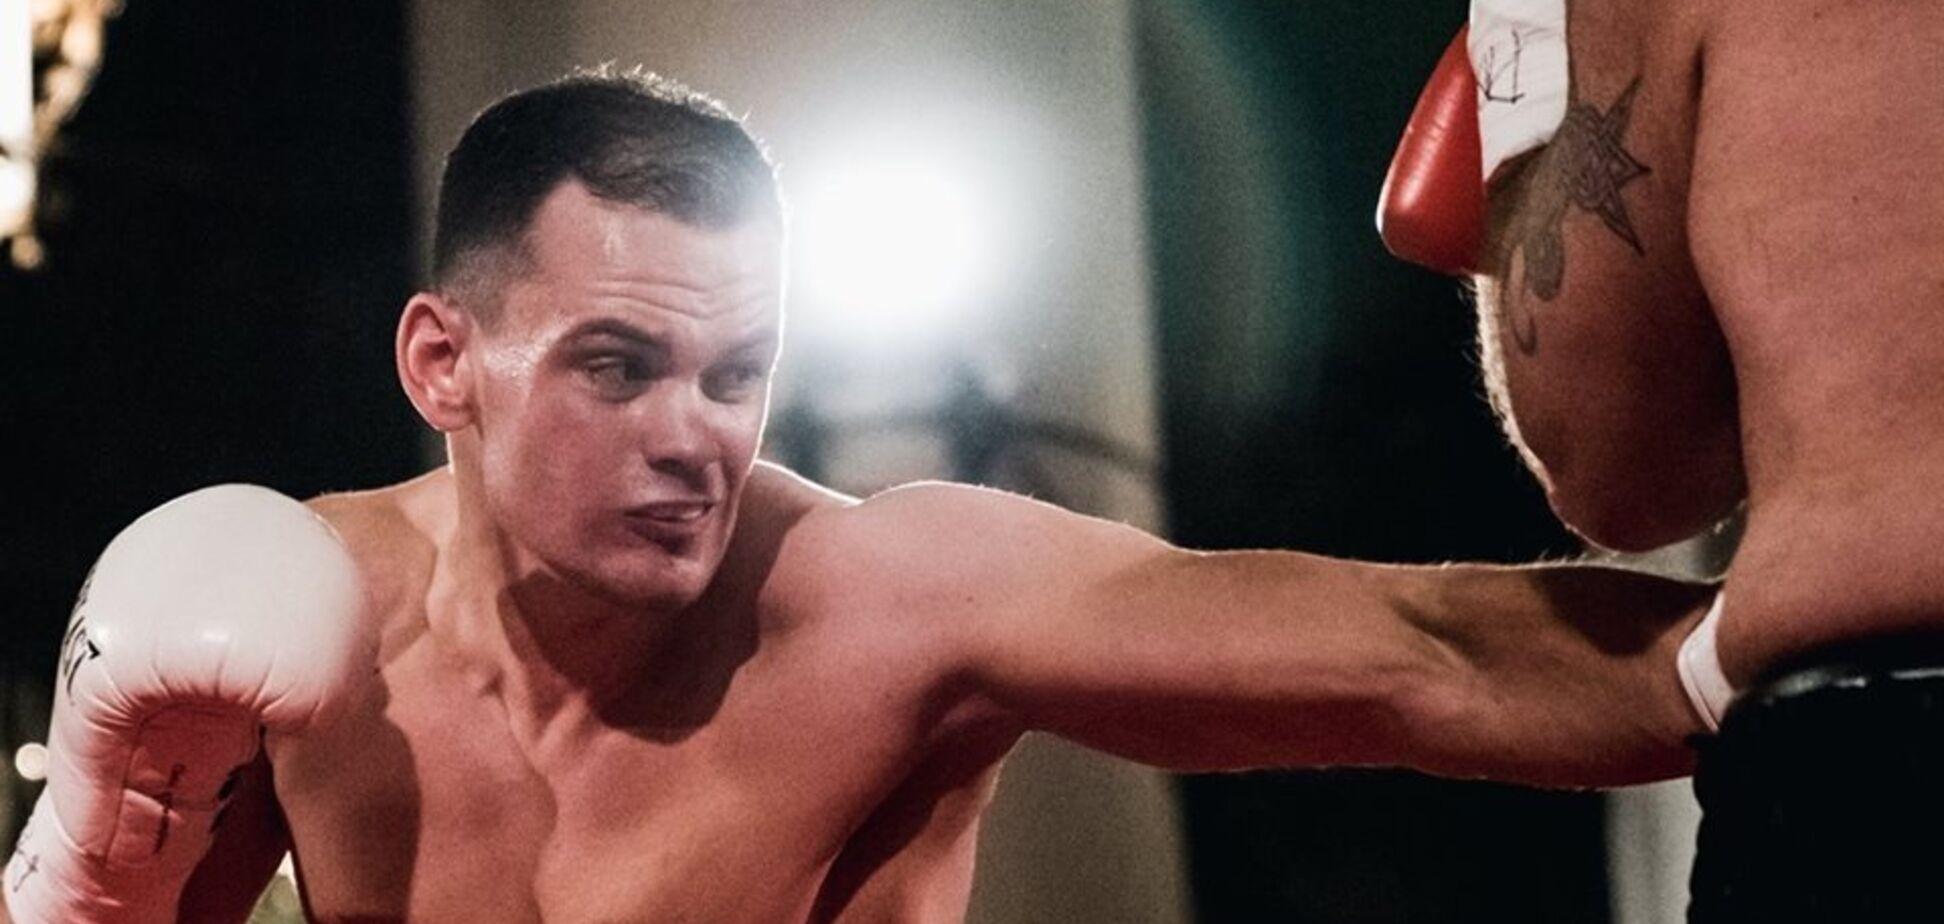 Відомий український важковаговик виграв бій нокаутом